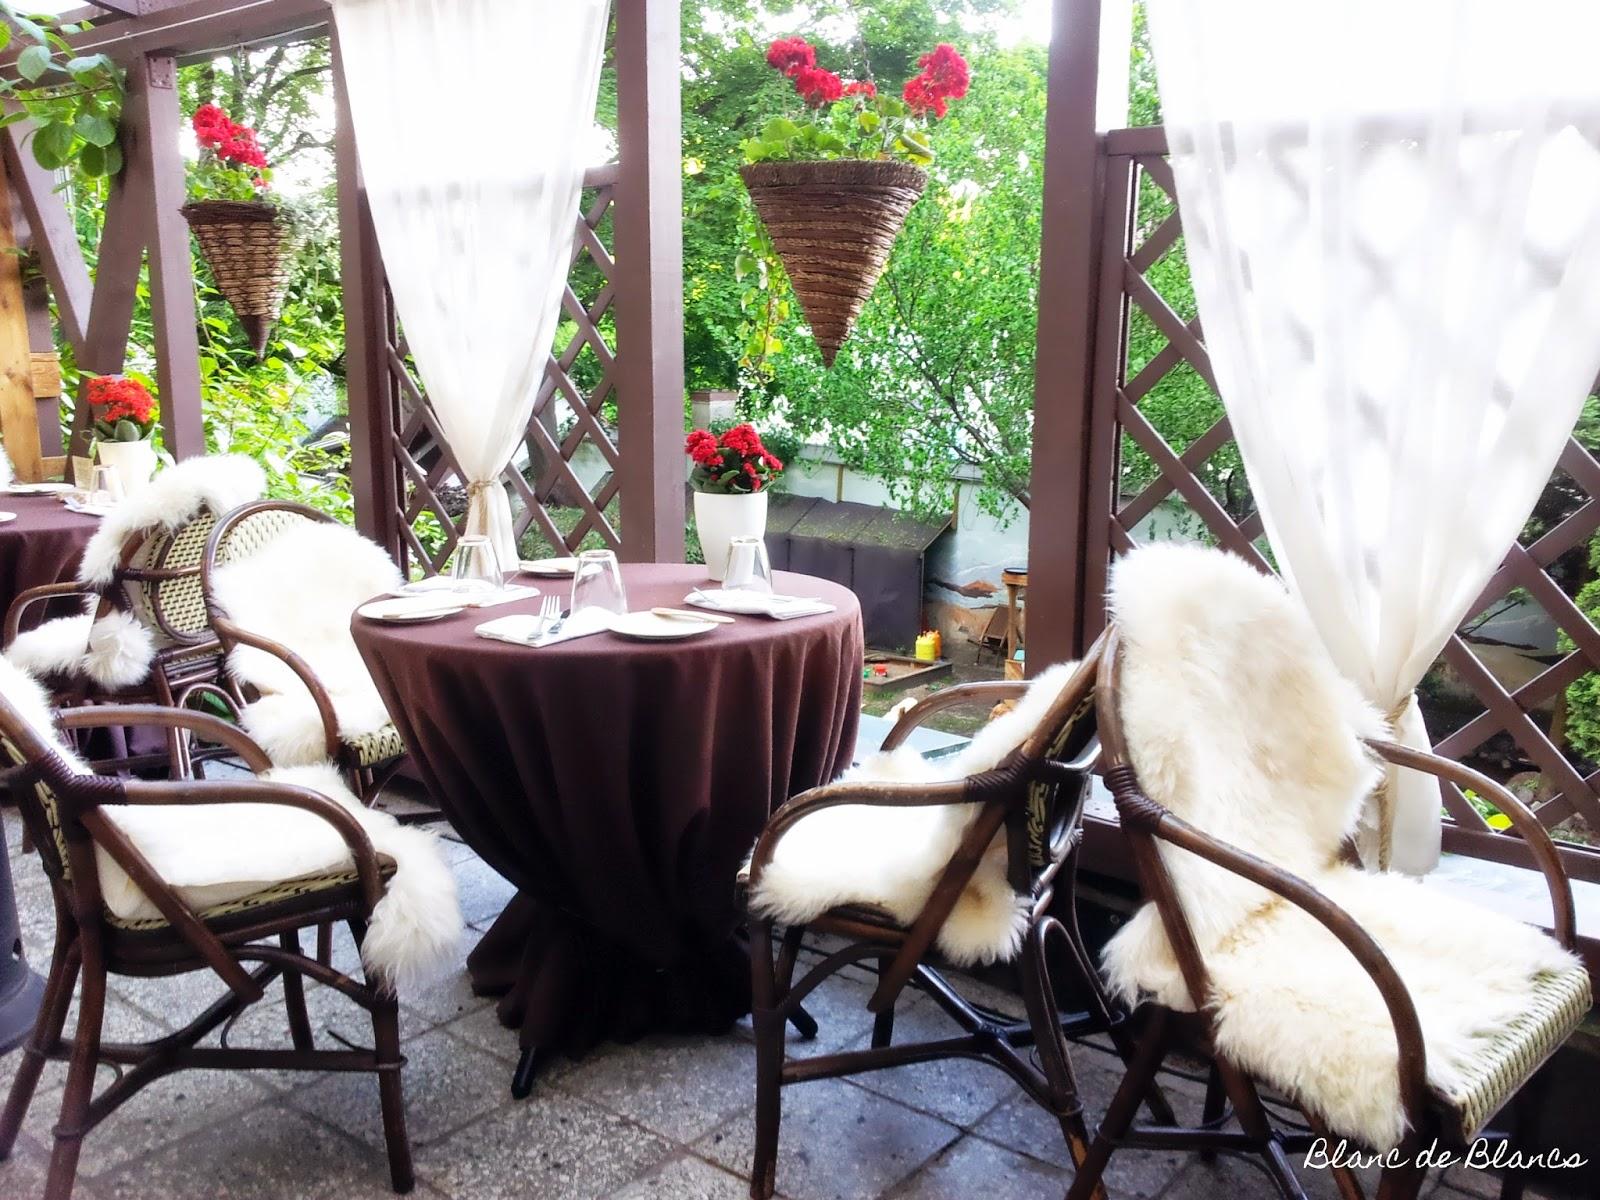 Ravintola Leibin kesäterassi Tallinnassa - www.blancdeblancs.fi